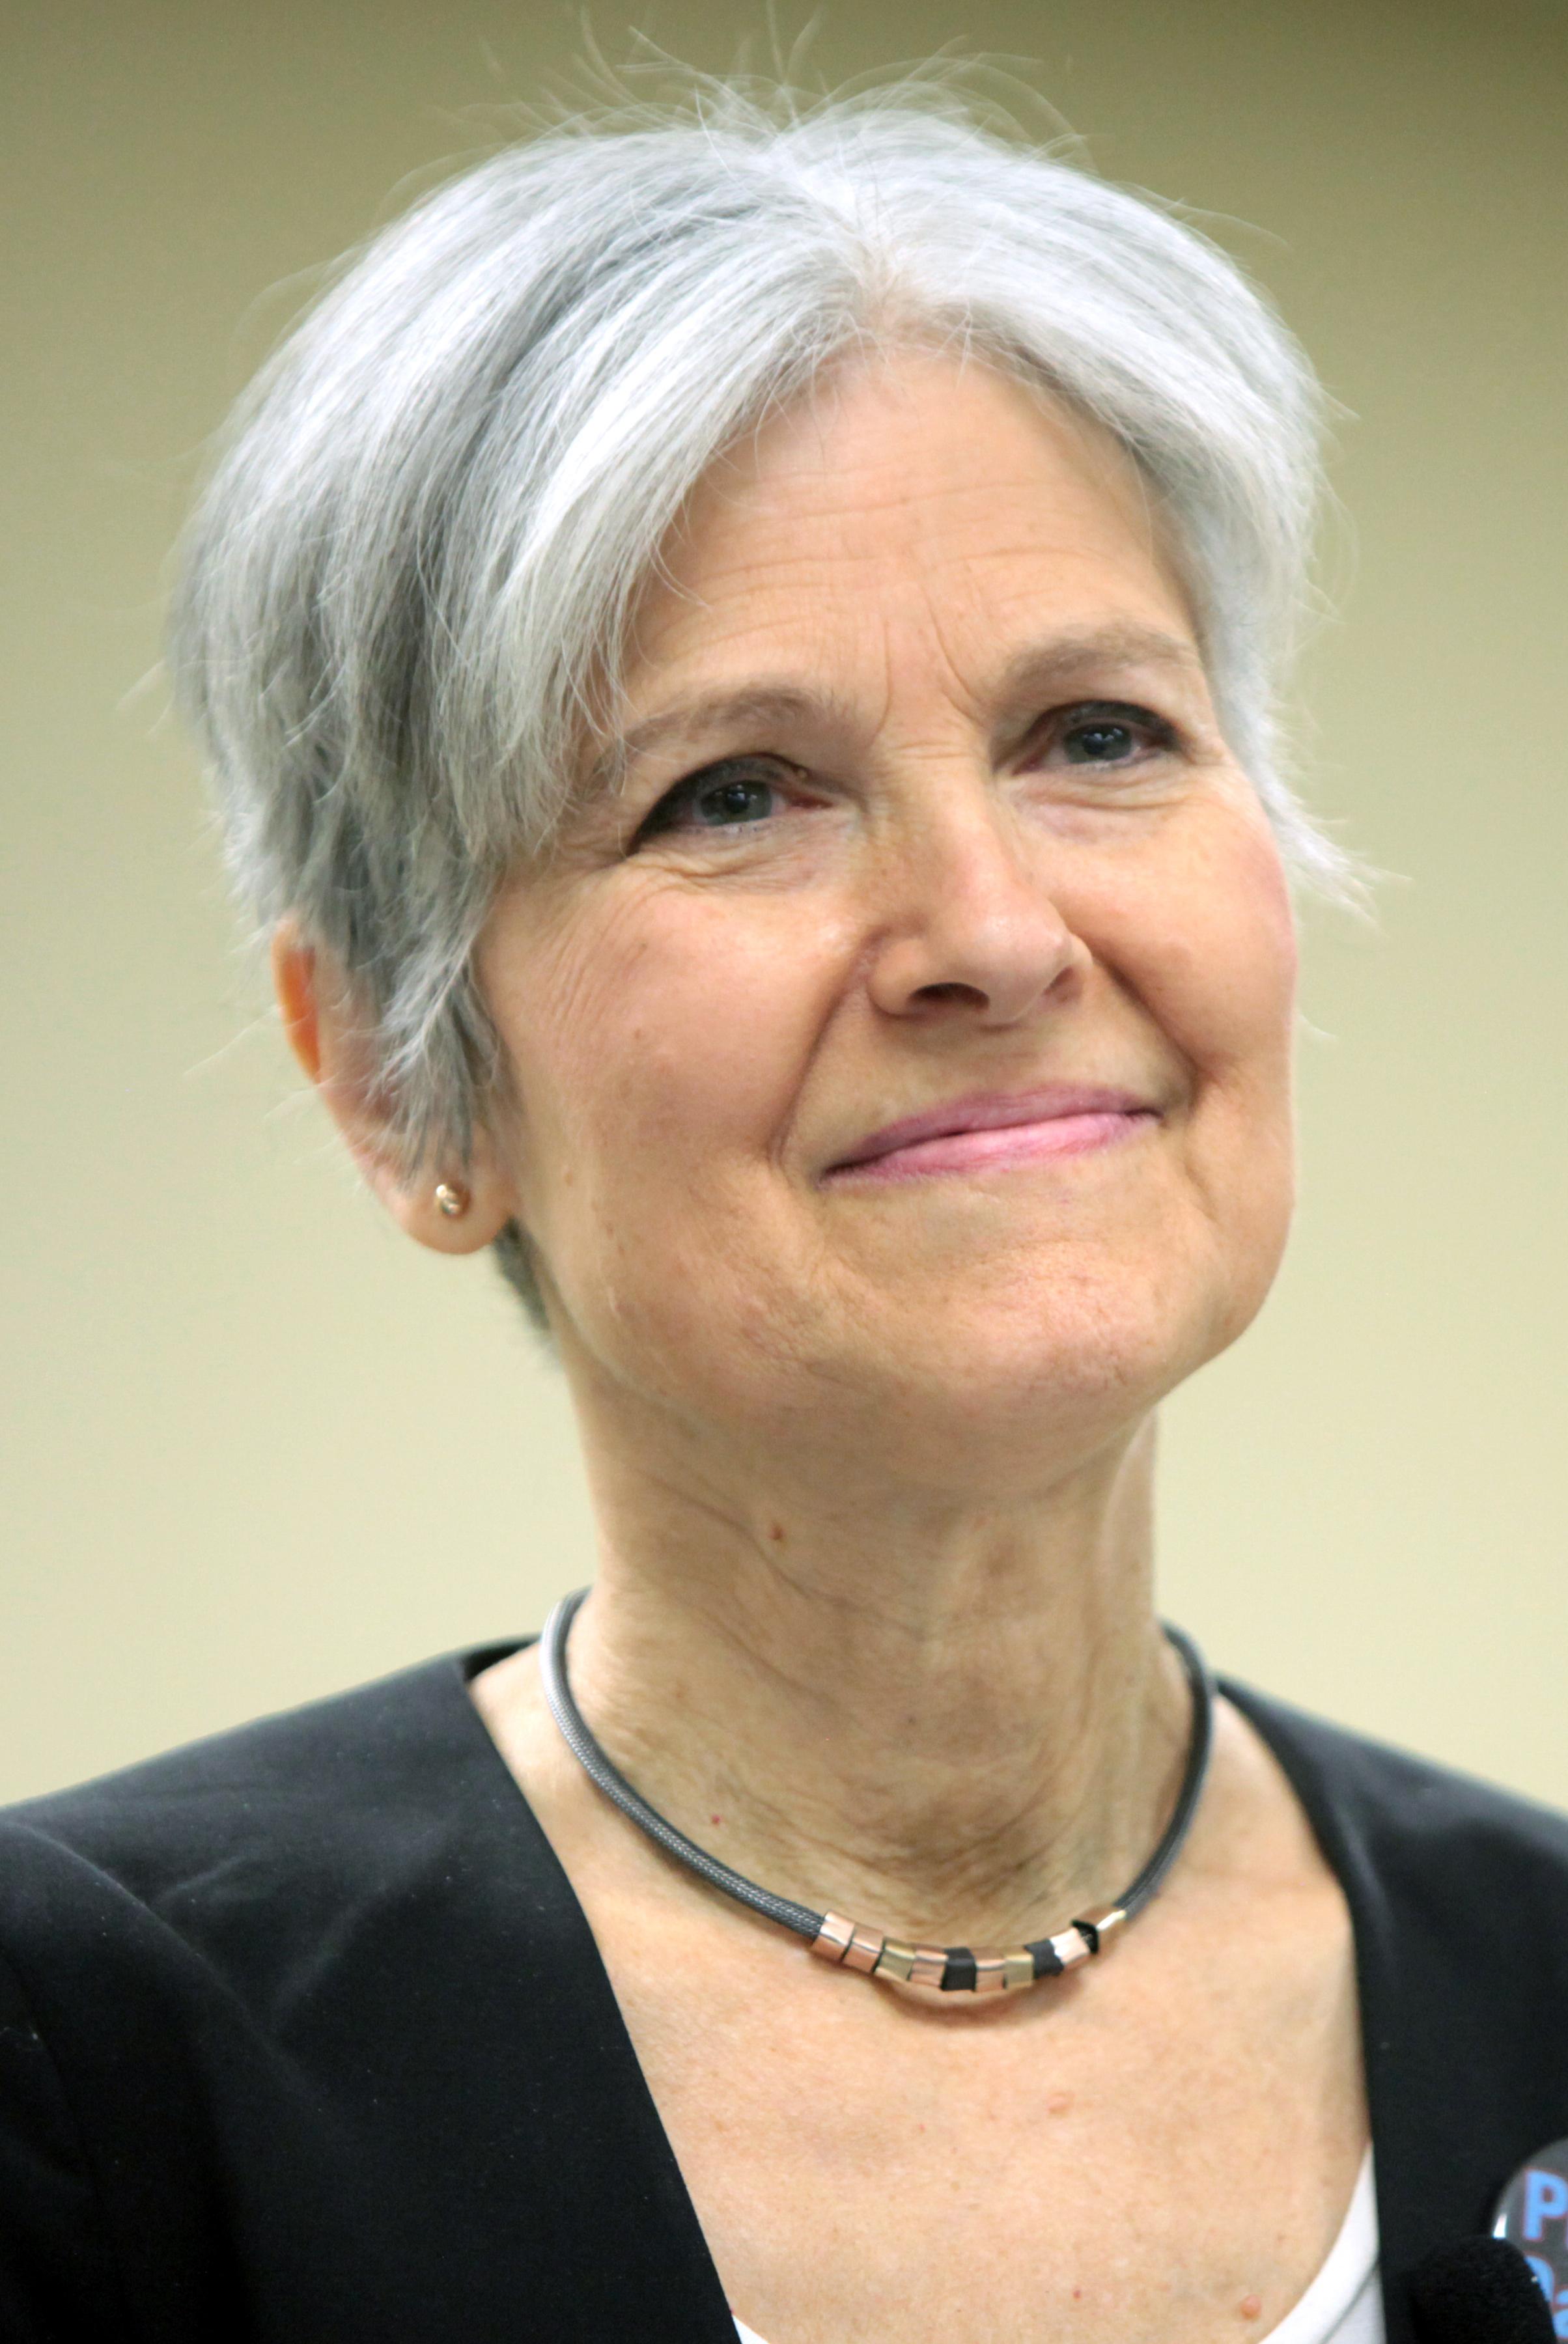 Veja o que saiu no Migalhas sobre Jill Stein